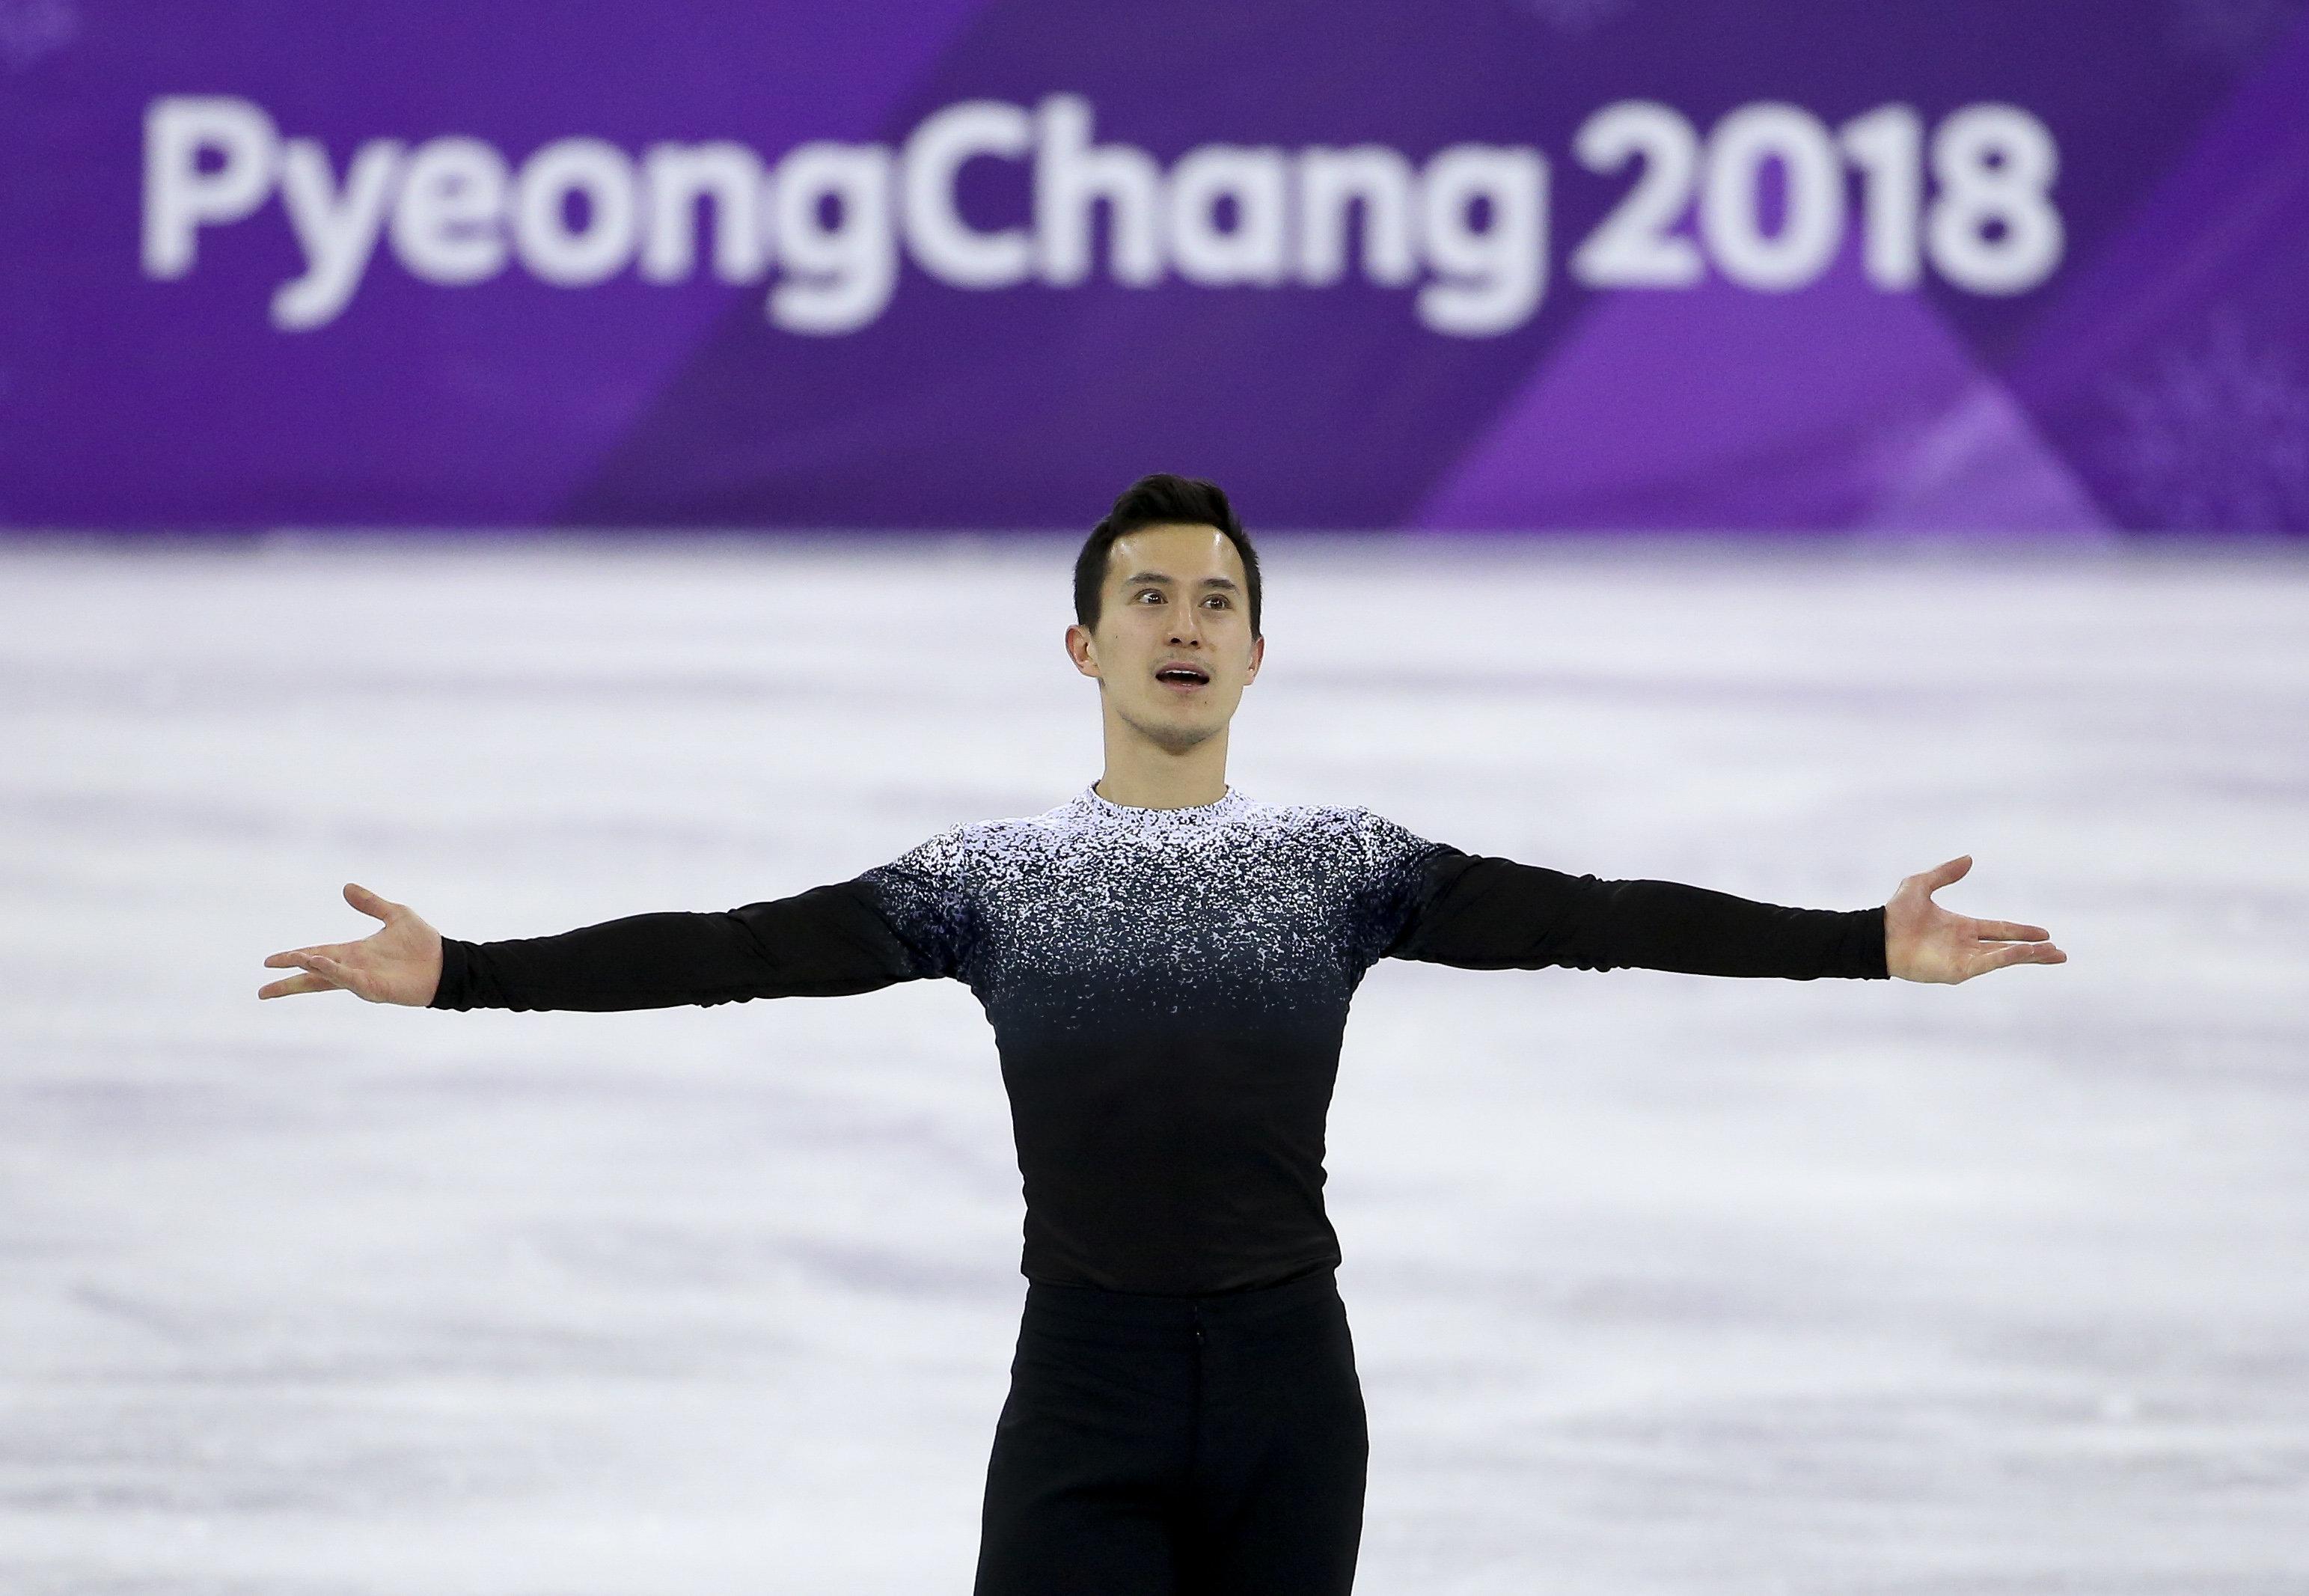 '캐나다 피겨 간판' 패트릭 챈이 은퇴를